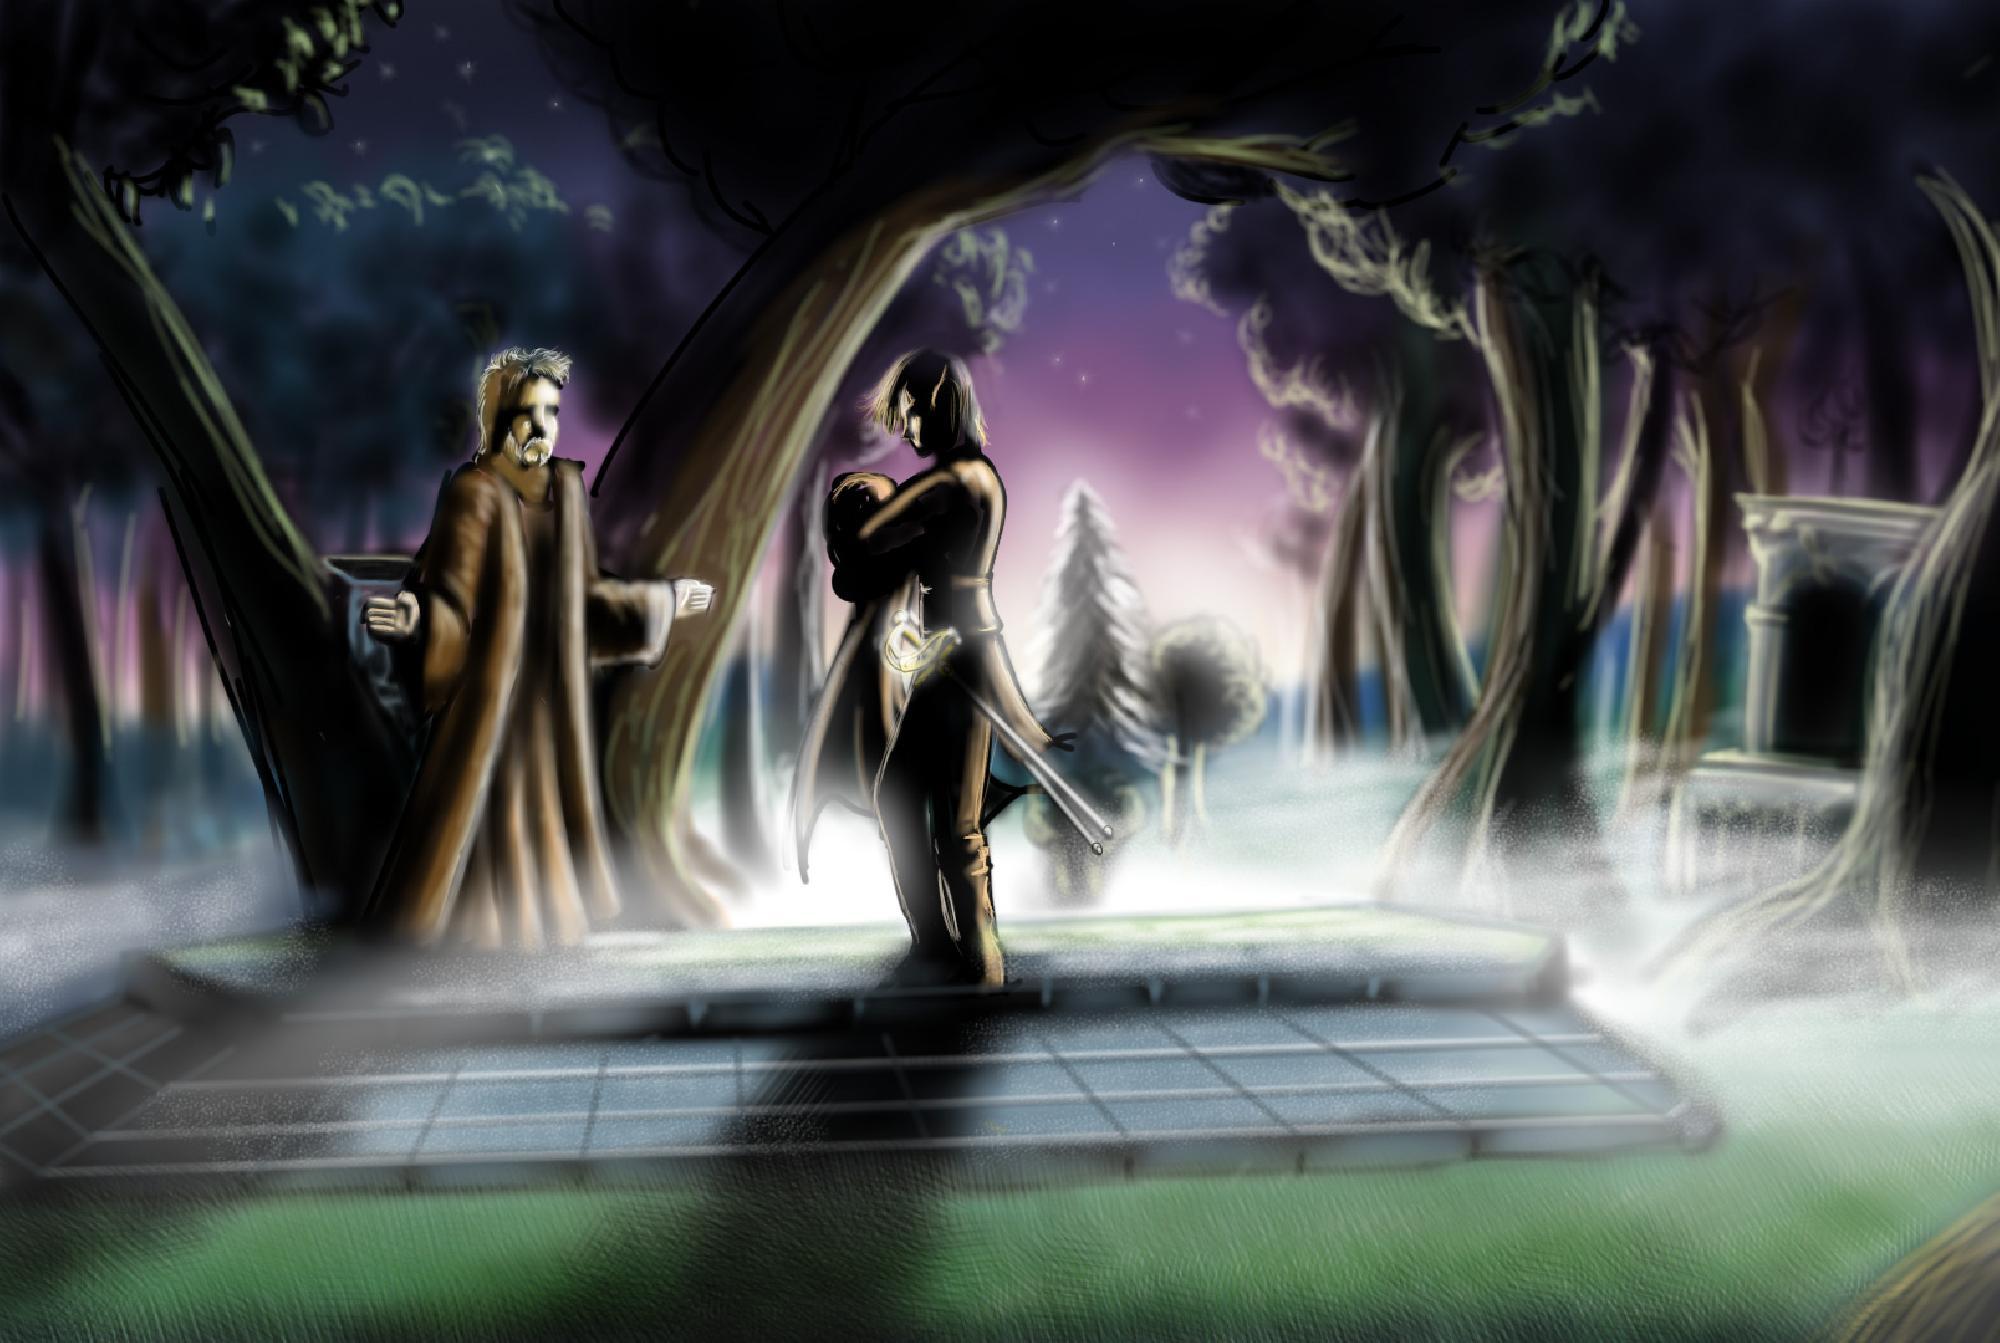 Fugitifs : Dessins des personnages joueurs Image5c8121ea01dd1